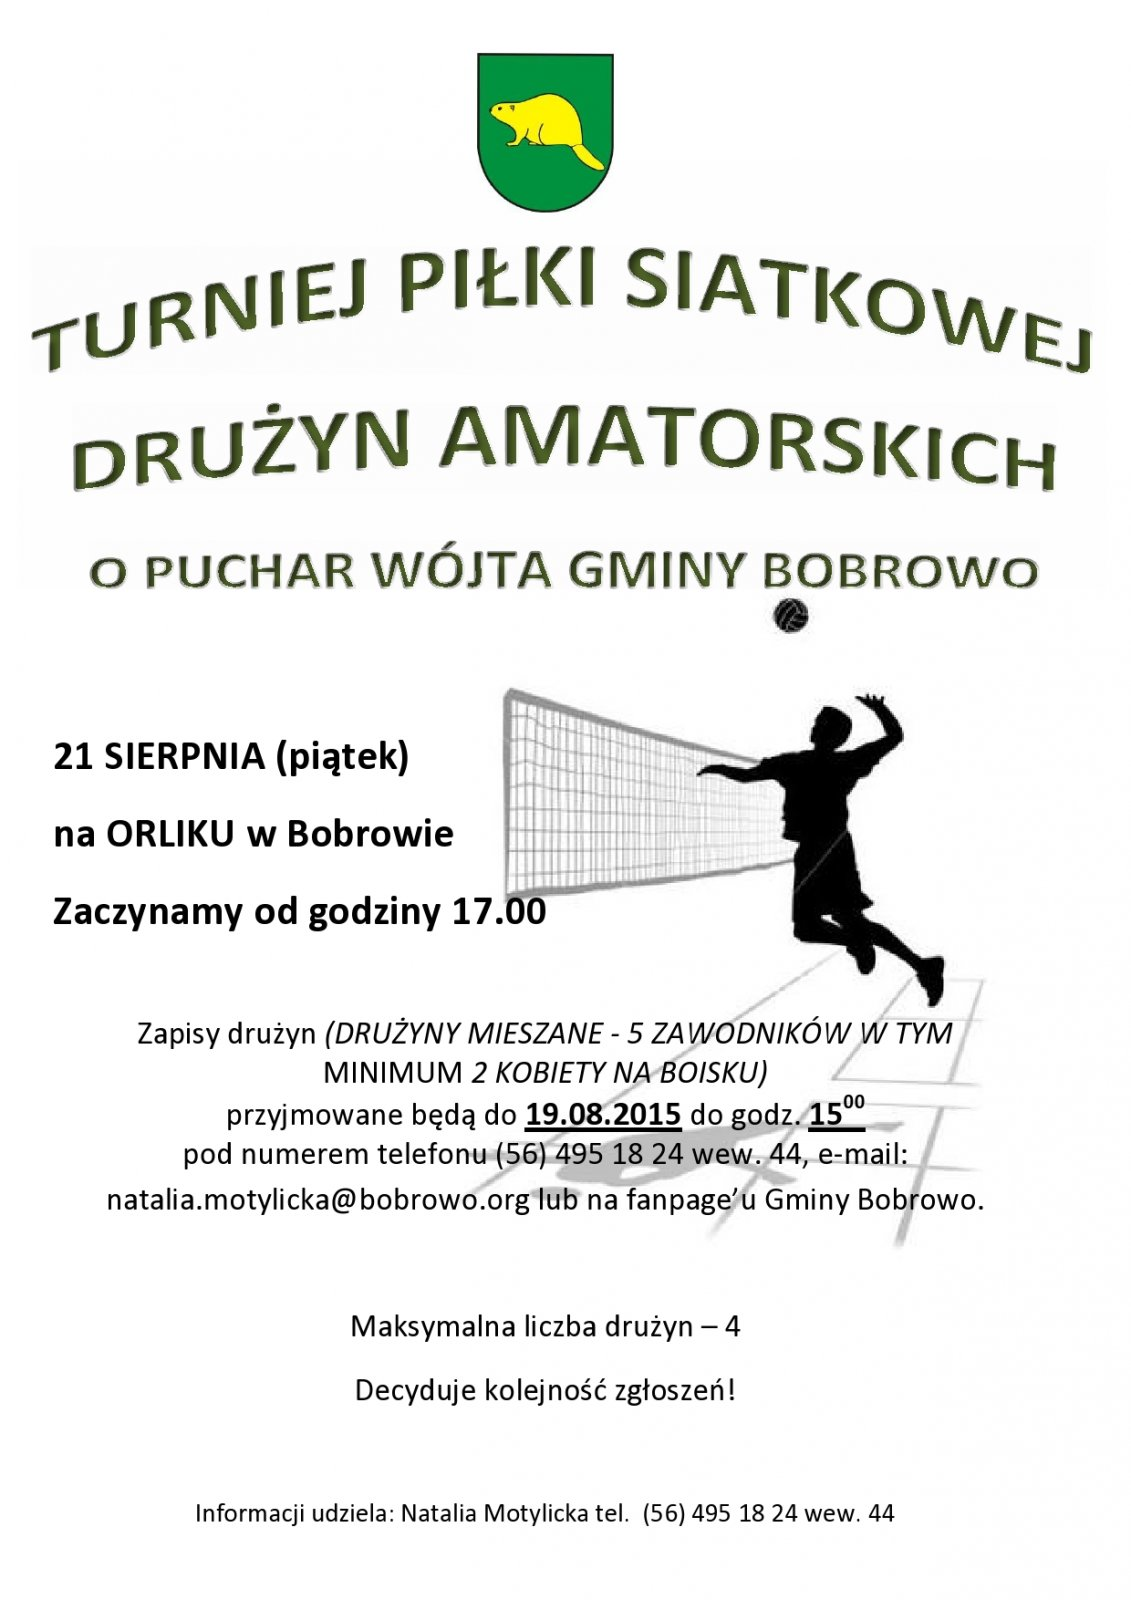 Turniej Piłki Siatkowej Drużyn Amatorskich o Puchar Wójta Gminy Bobrowo